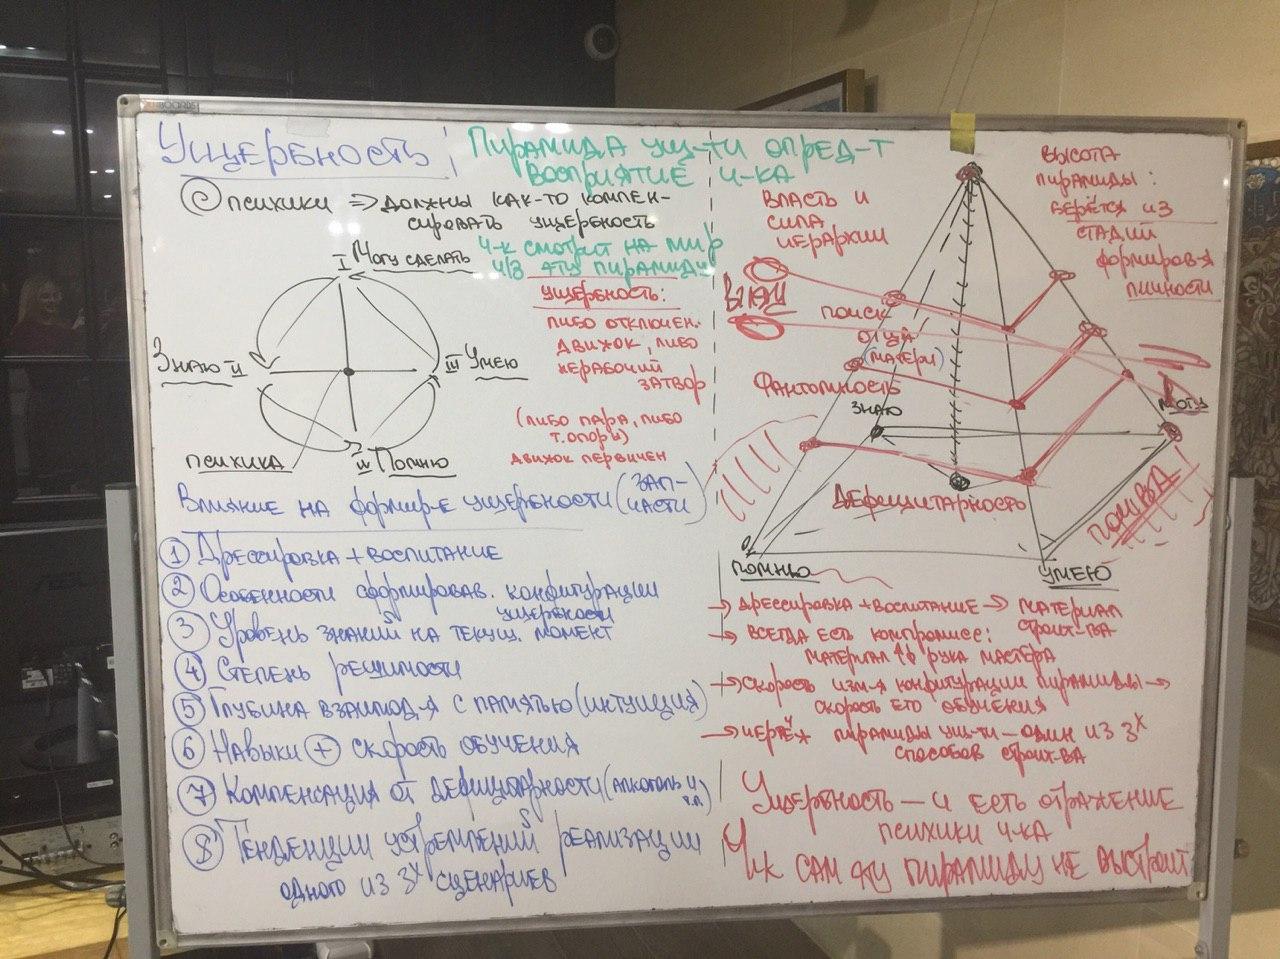 Анатомия ущербности. Новая категория исследования в глубинной психологии 10